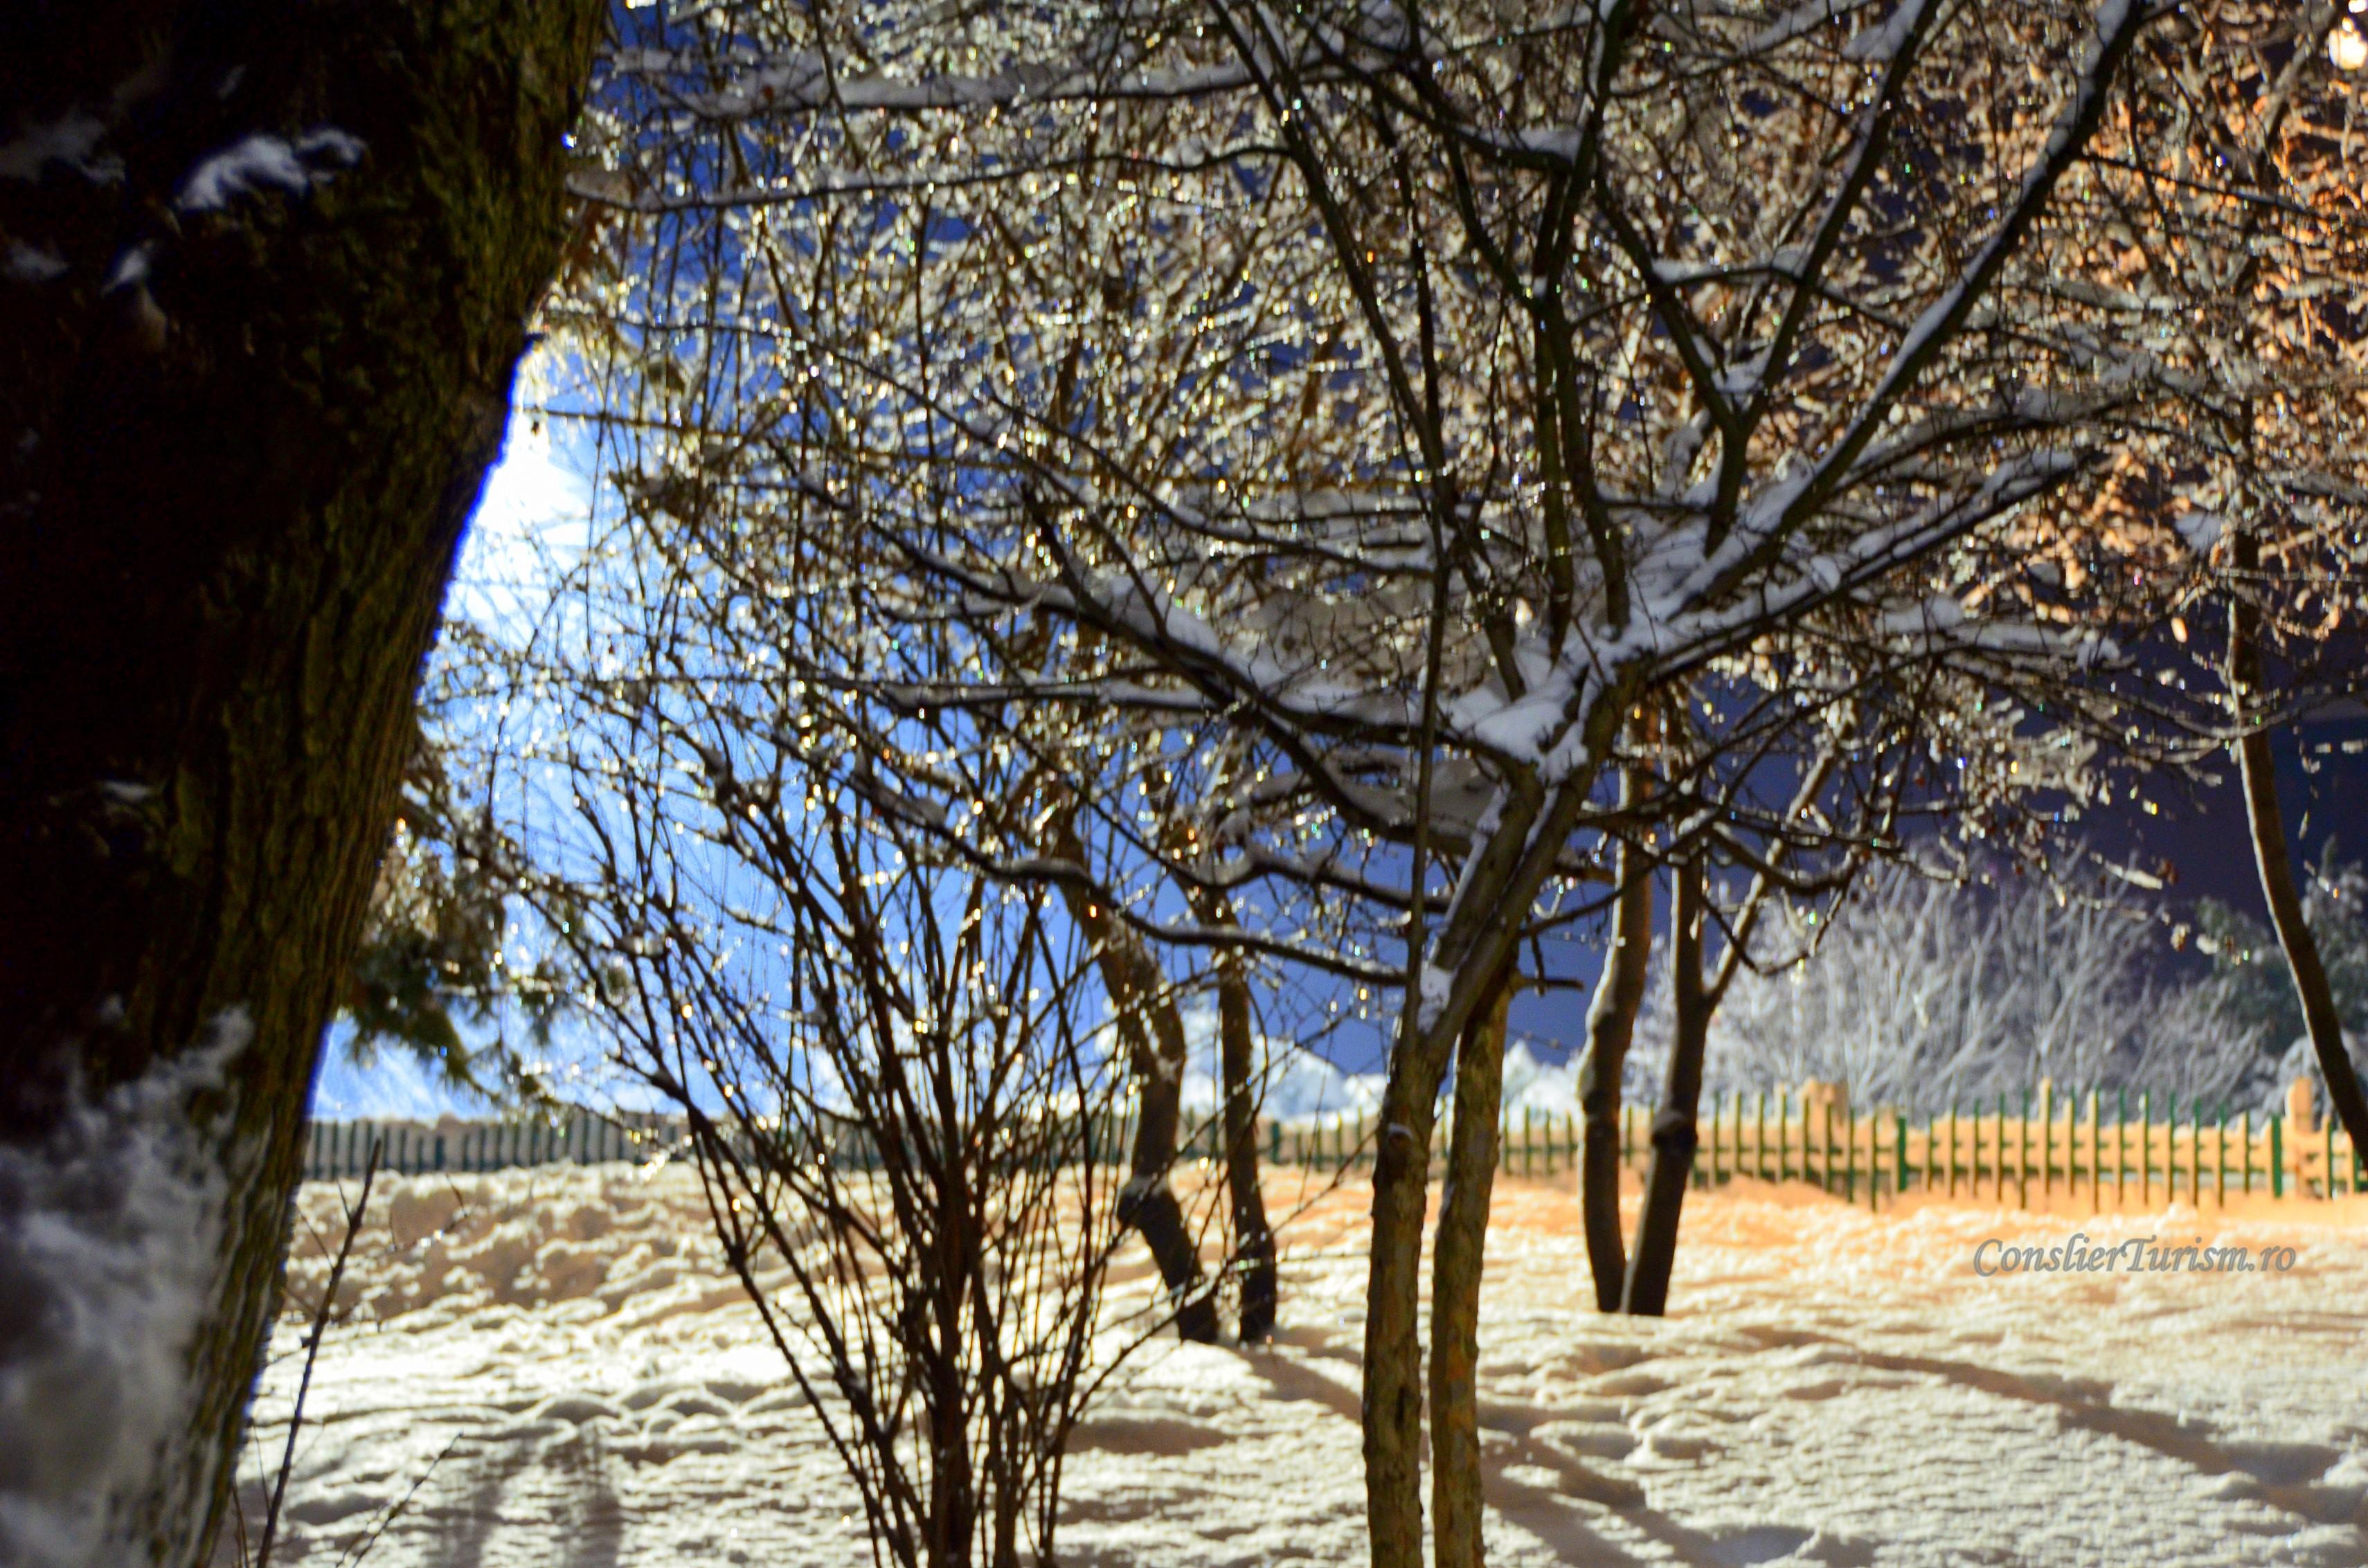 arbori de gheata